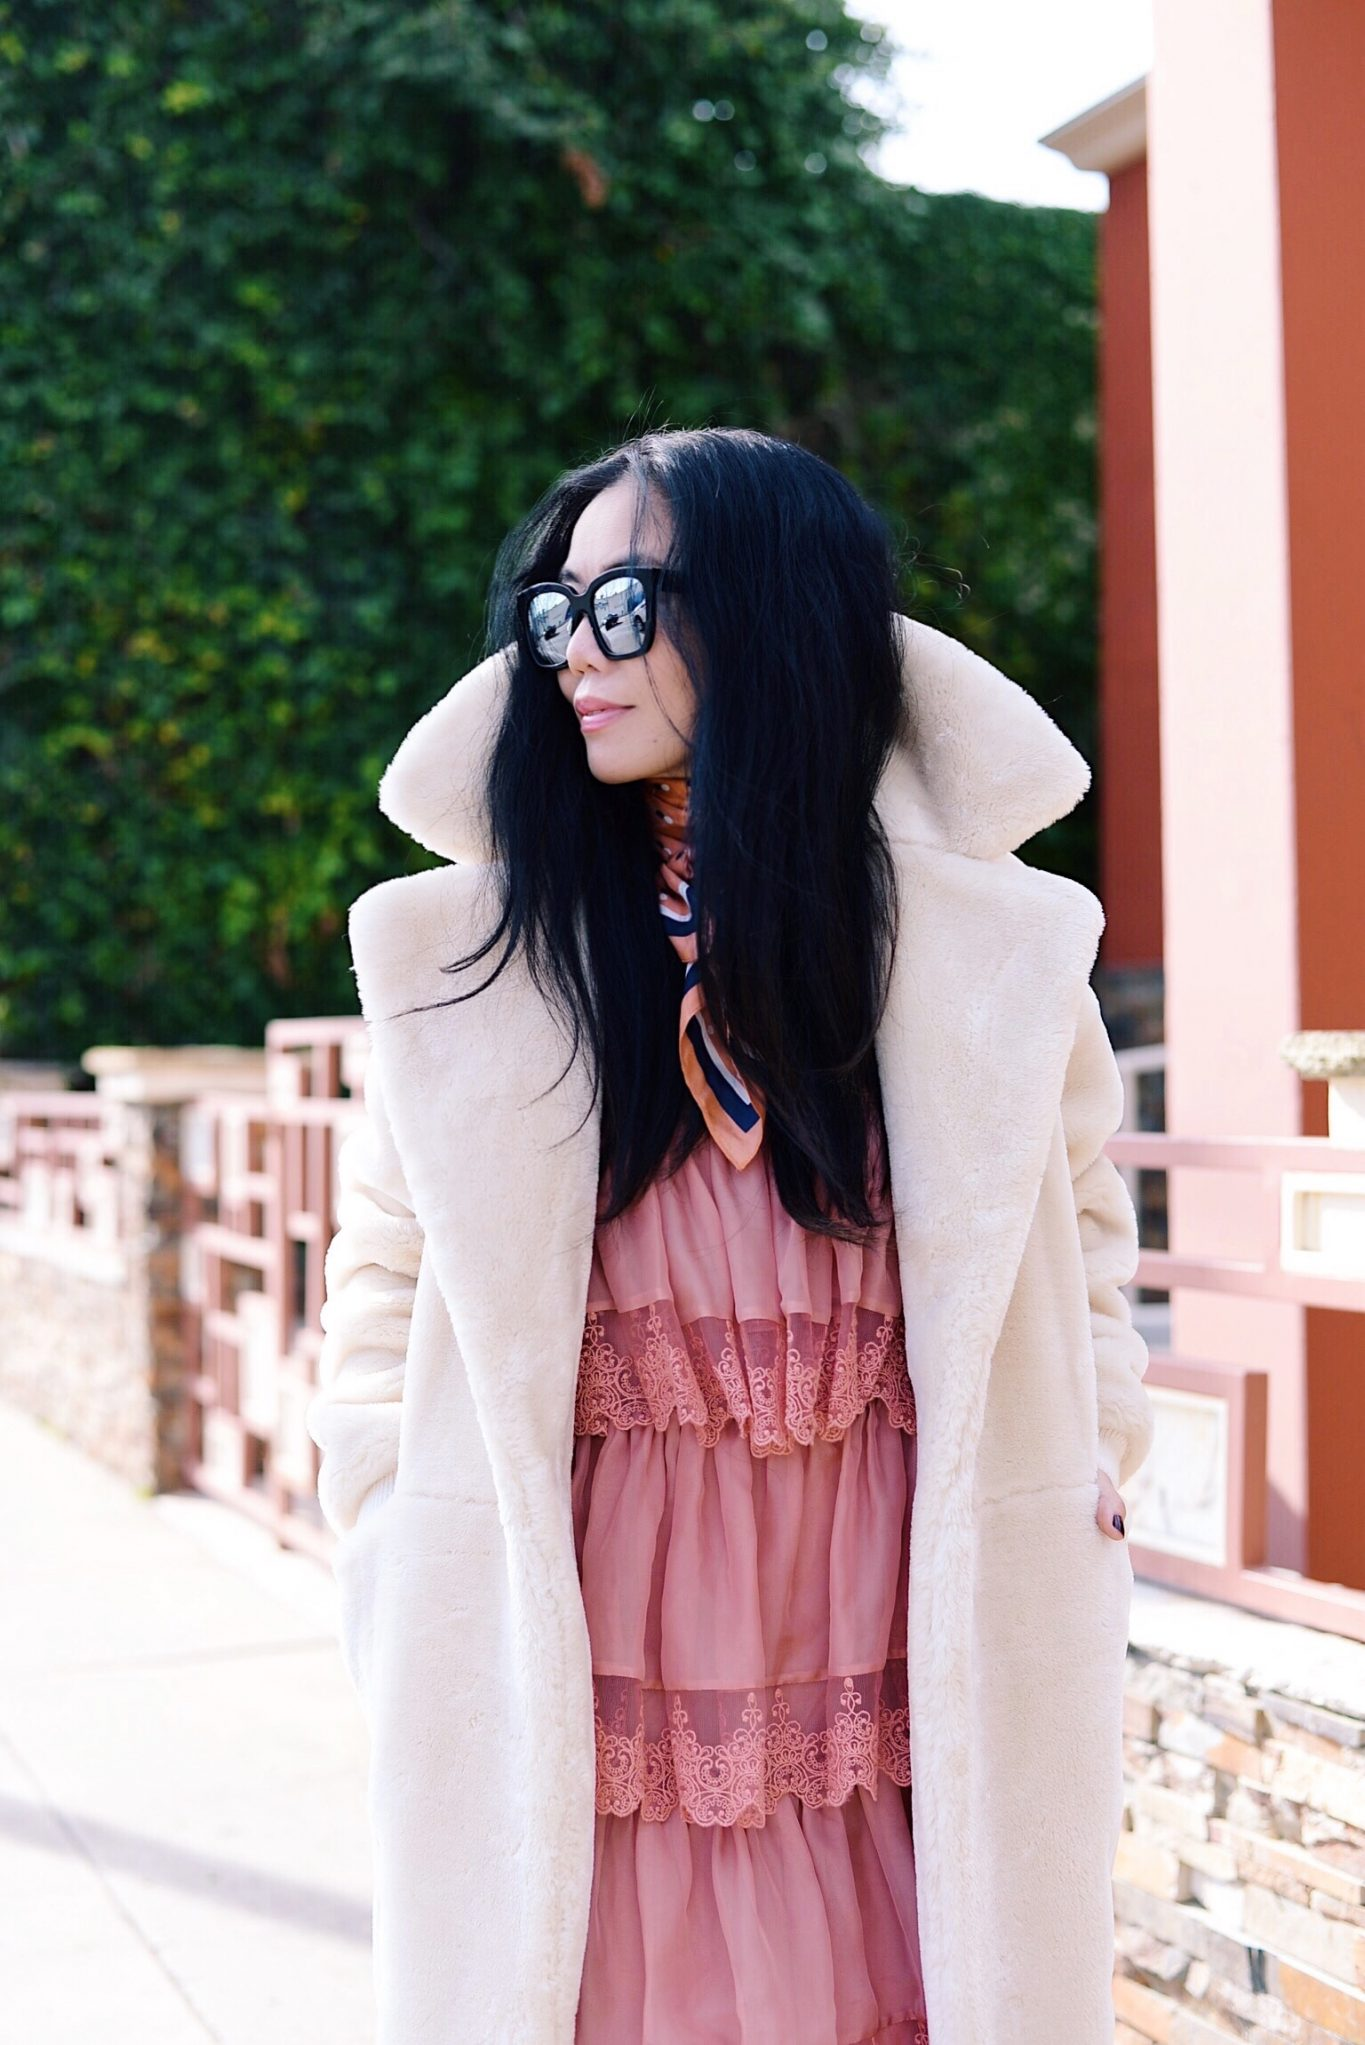 eebdb5596afe Sneaker Style  Ruffle Dress   Teddy Coat